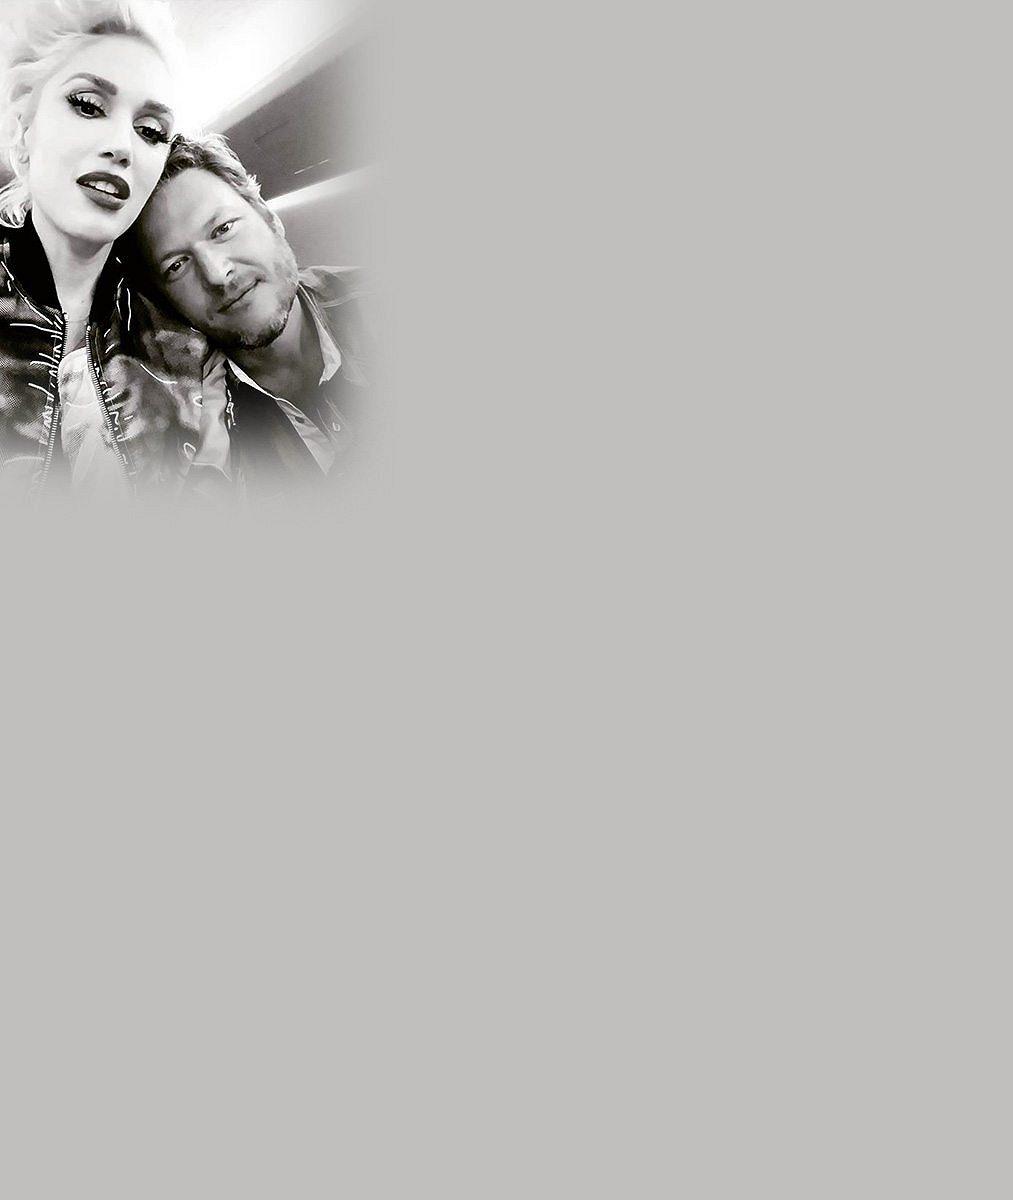 Gwen Stefani (46) při intimních hrátkách vbazénu shvězdou country (40)